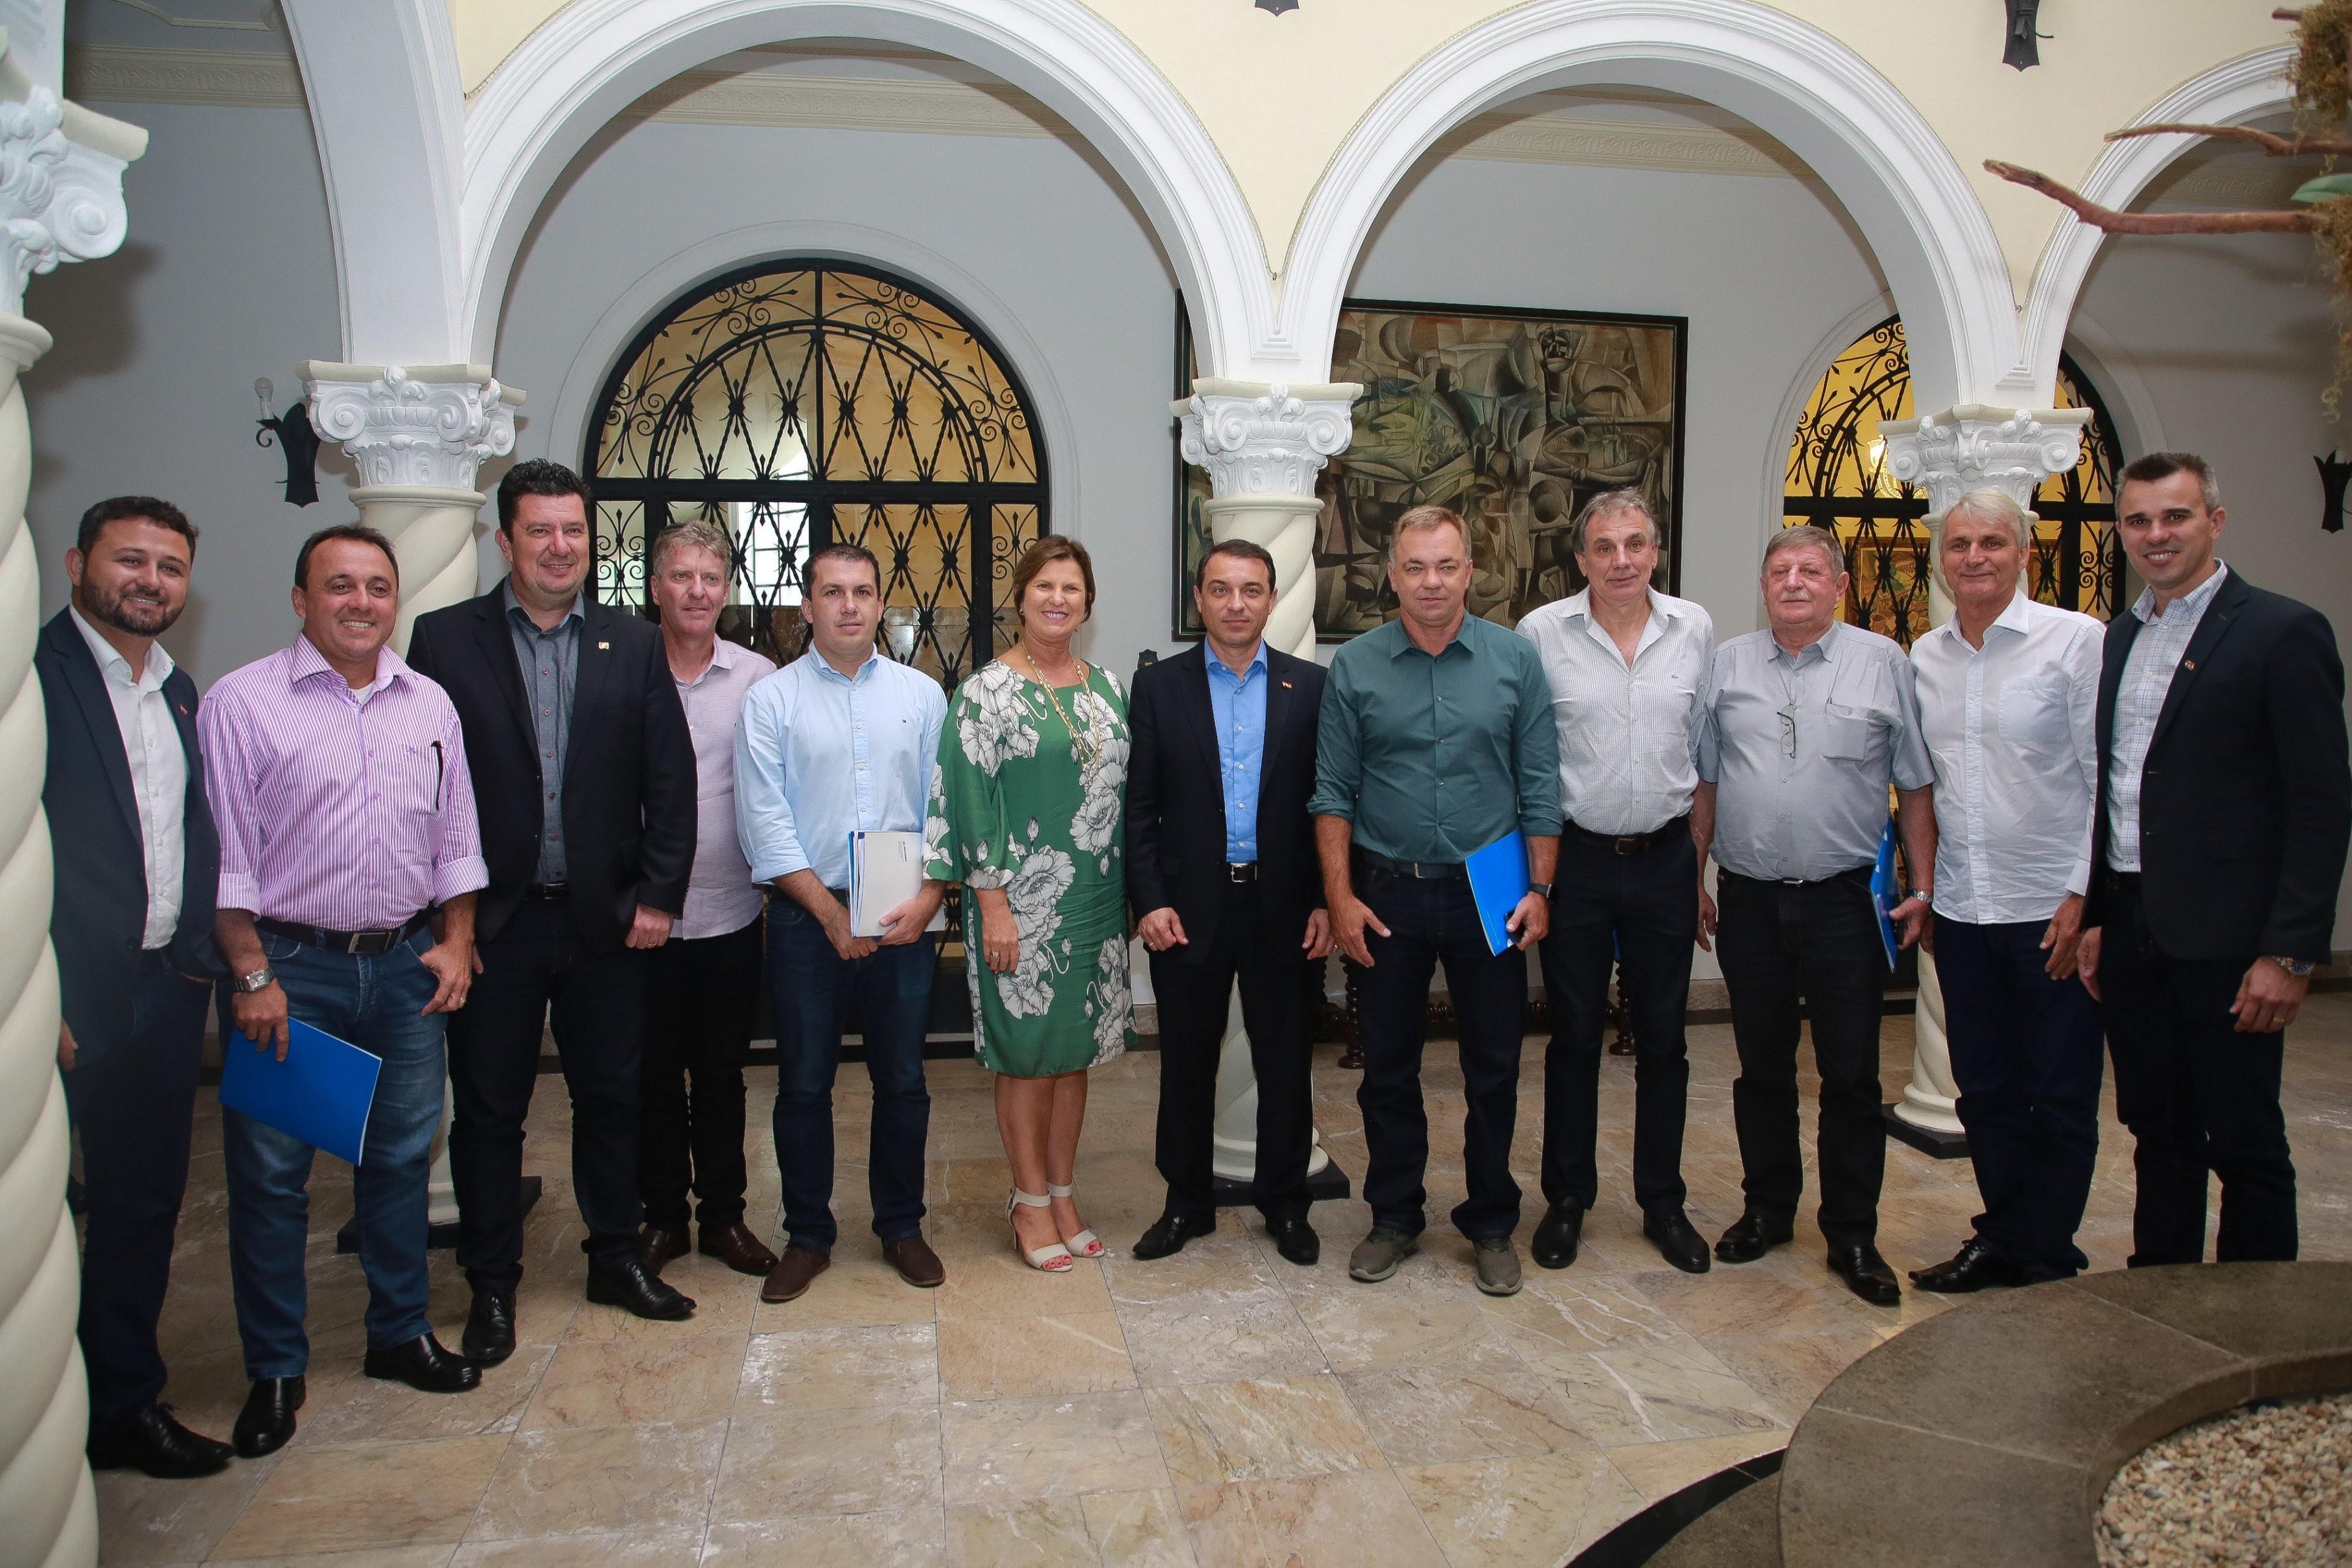 Reunião entre governador e prefeitos discute proposta para transporte público integrado da Grande Florianópolis